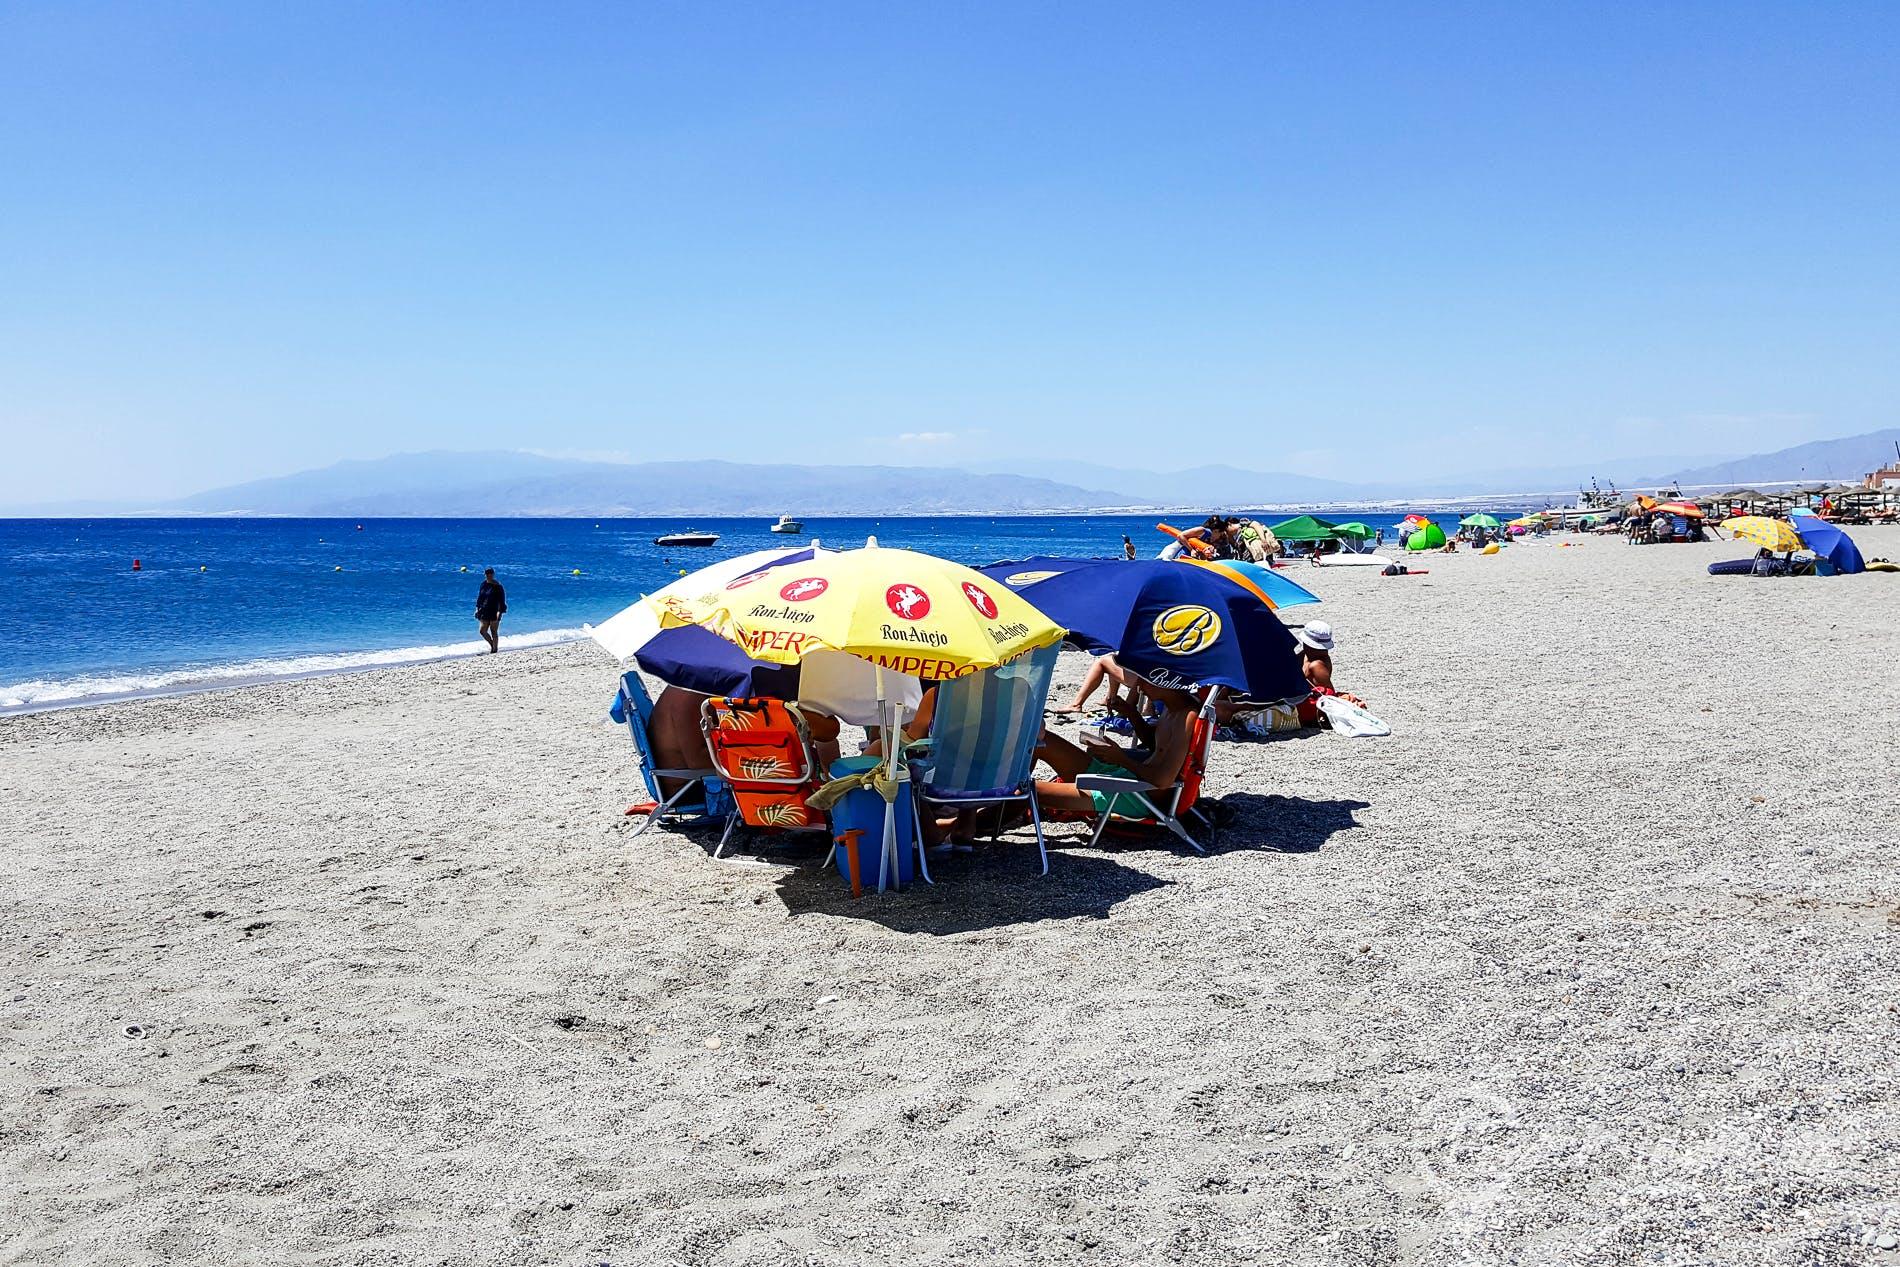 Beach Playa Las Salinas, Costa de Almería, Spain